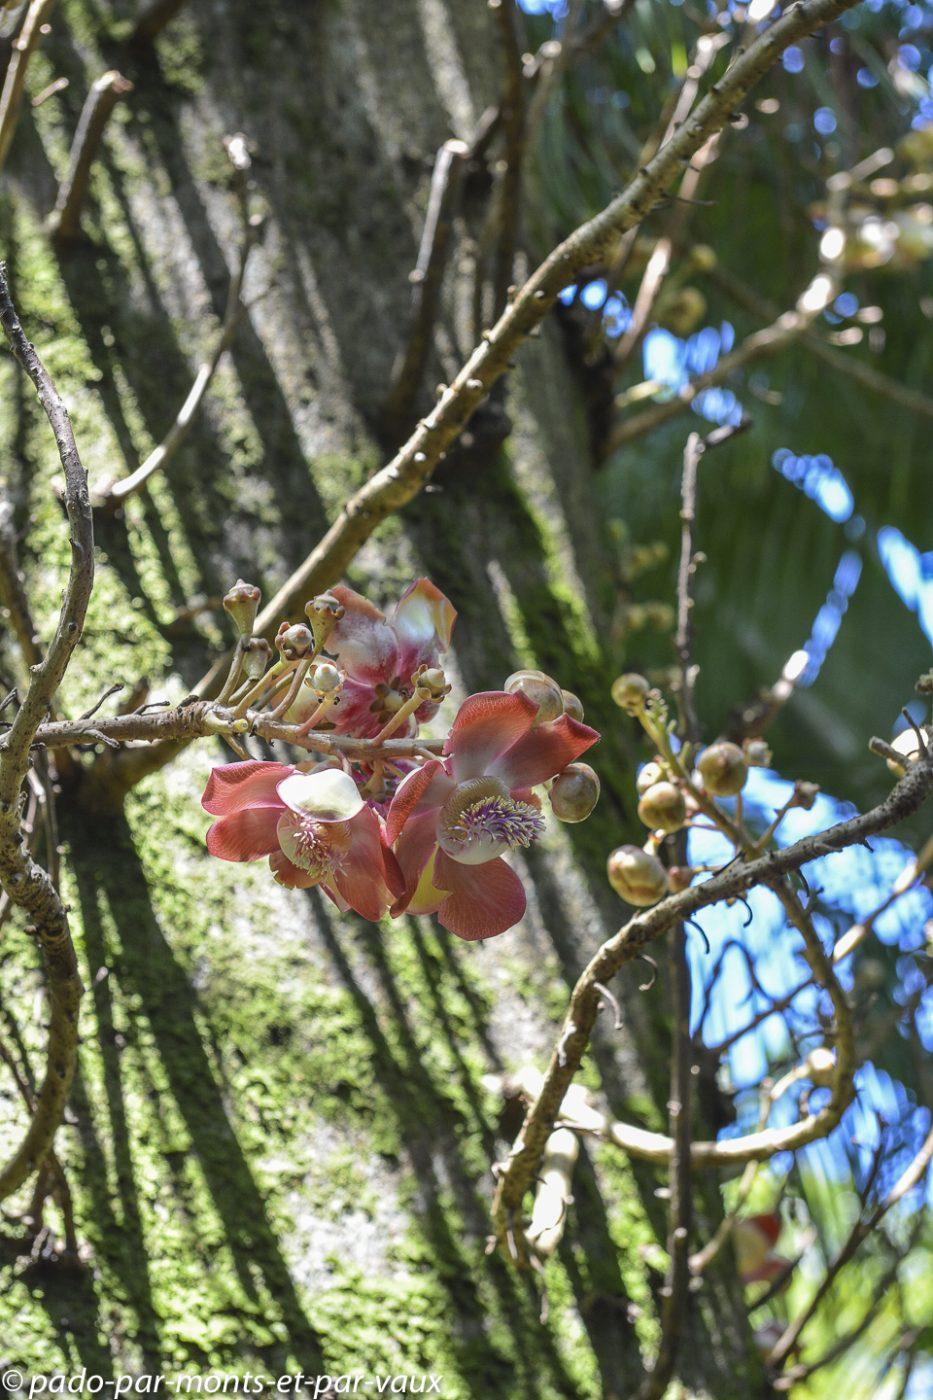 Hawaii tropical botanical garden  - Boulet de canon